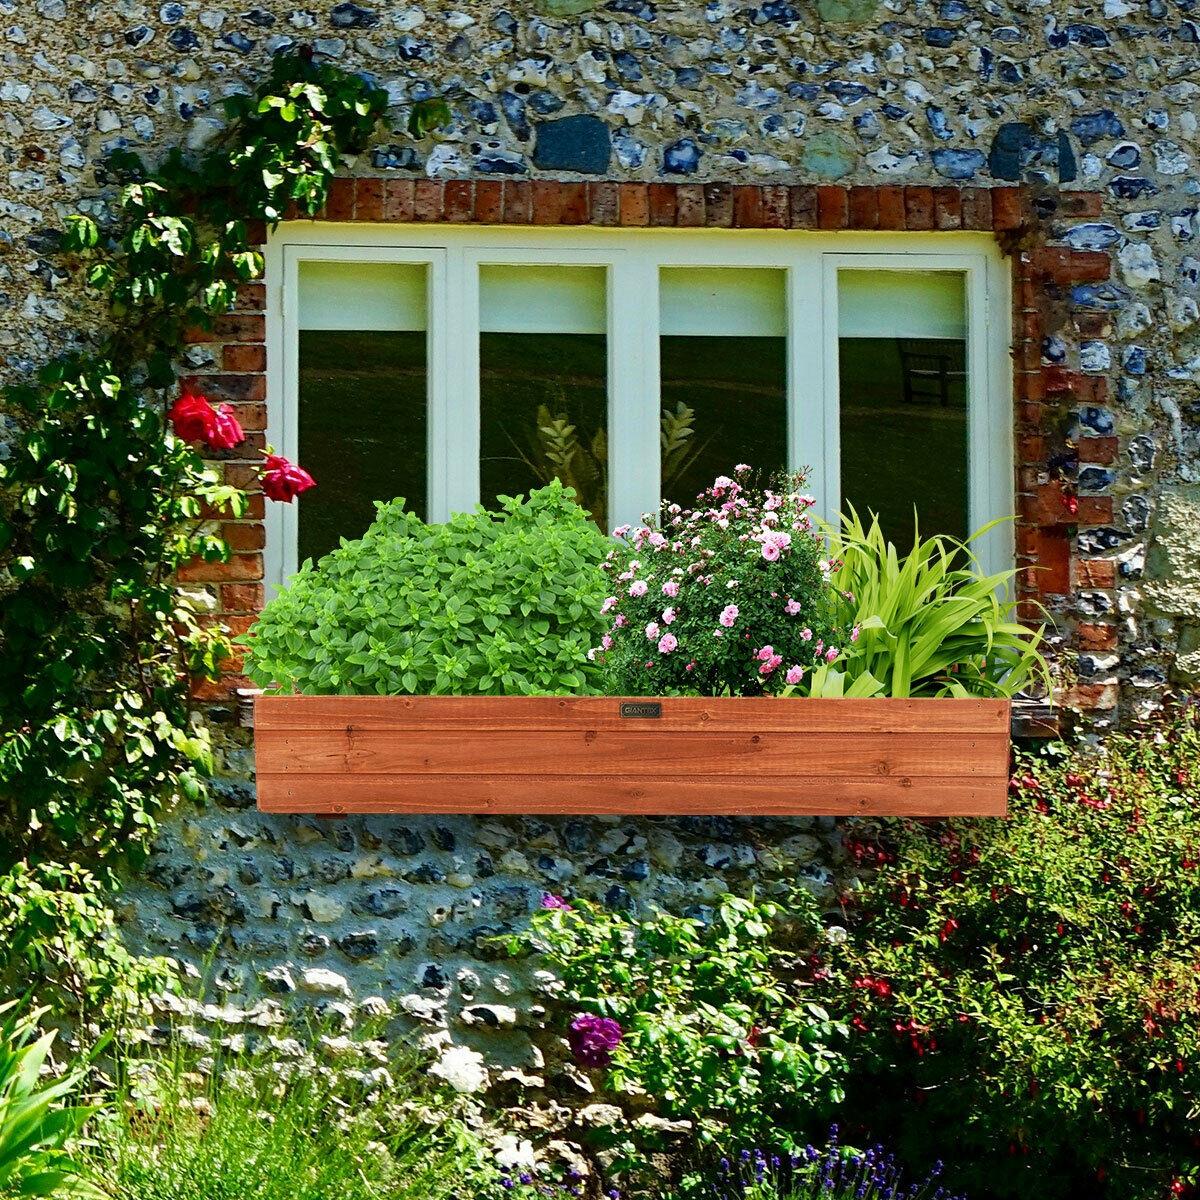 36 Inch Wooden Flower Planter Box Garden Yard Decorative Window Box